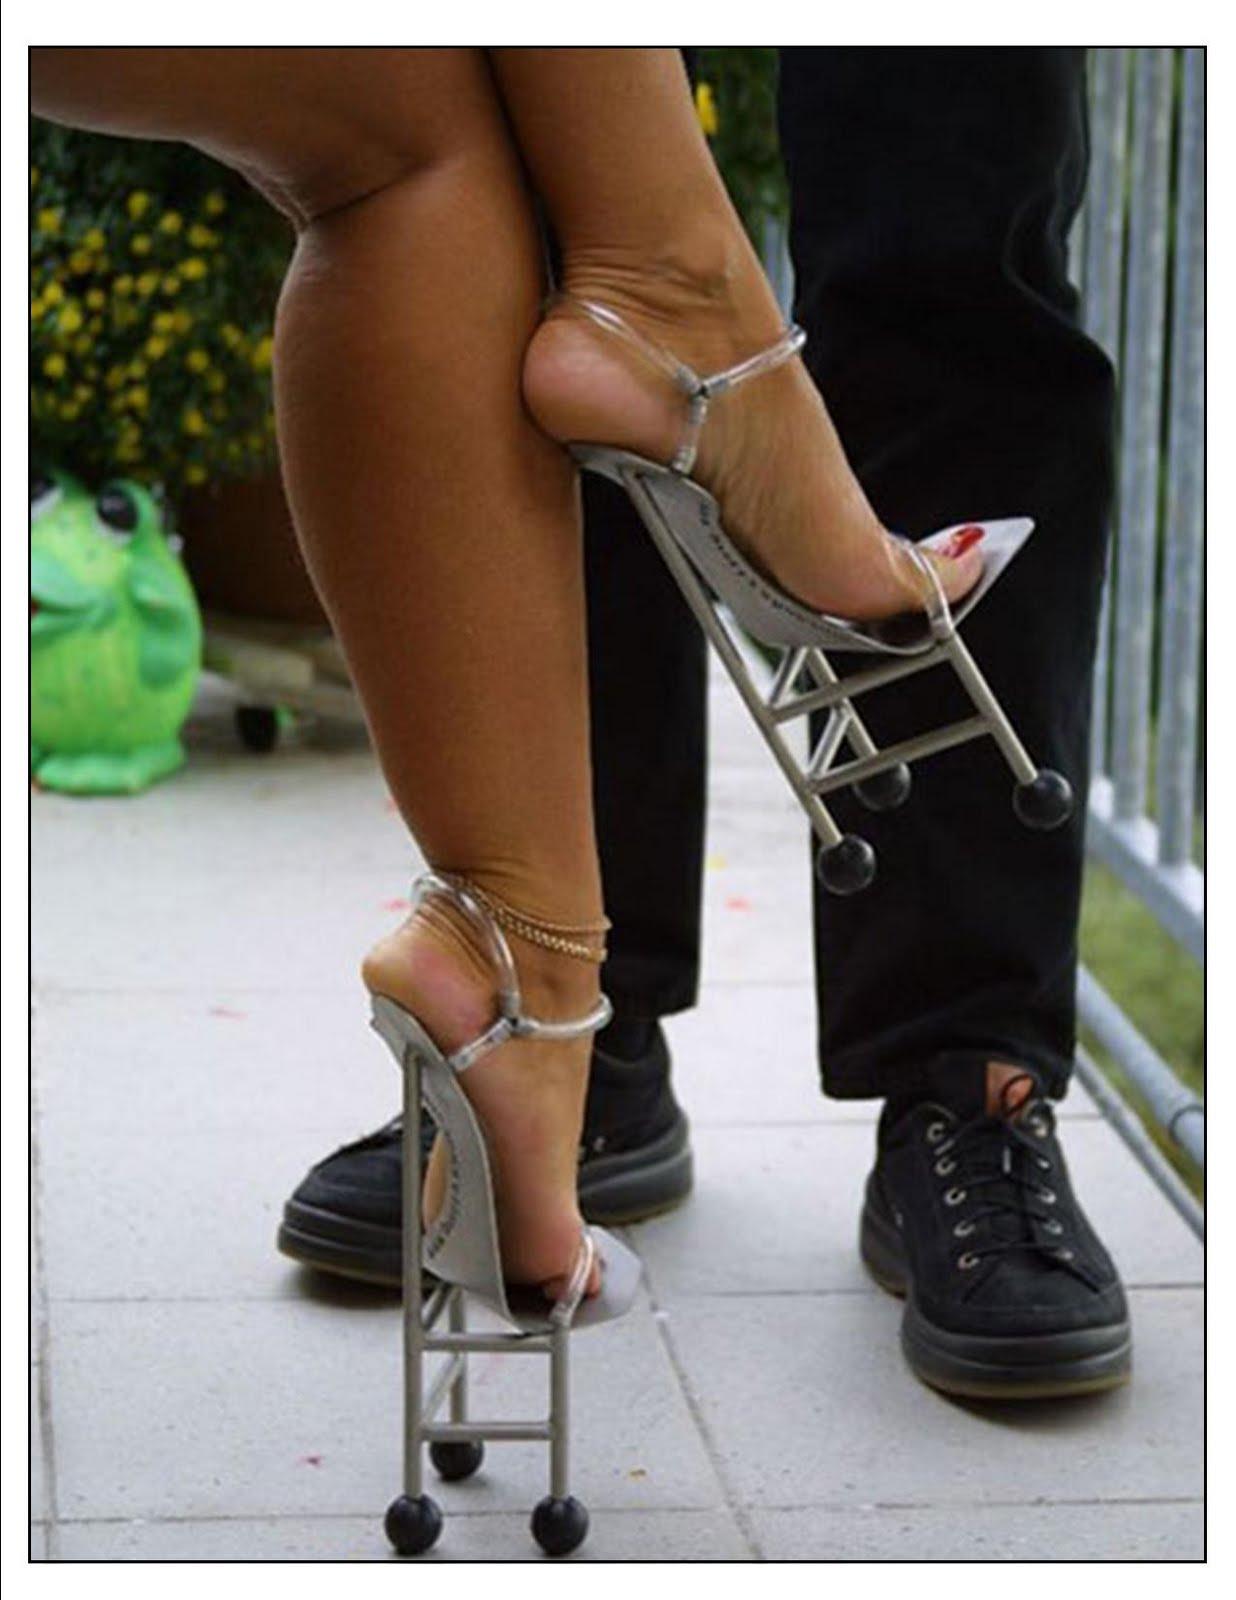 Фут фетиш девушка в кроссовках 24 фотография